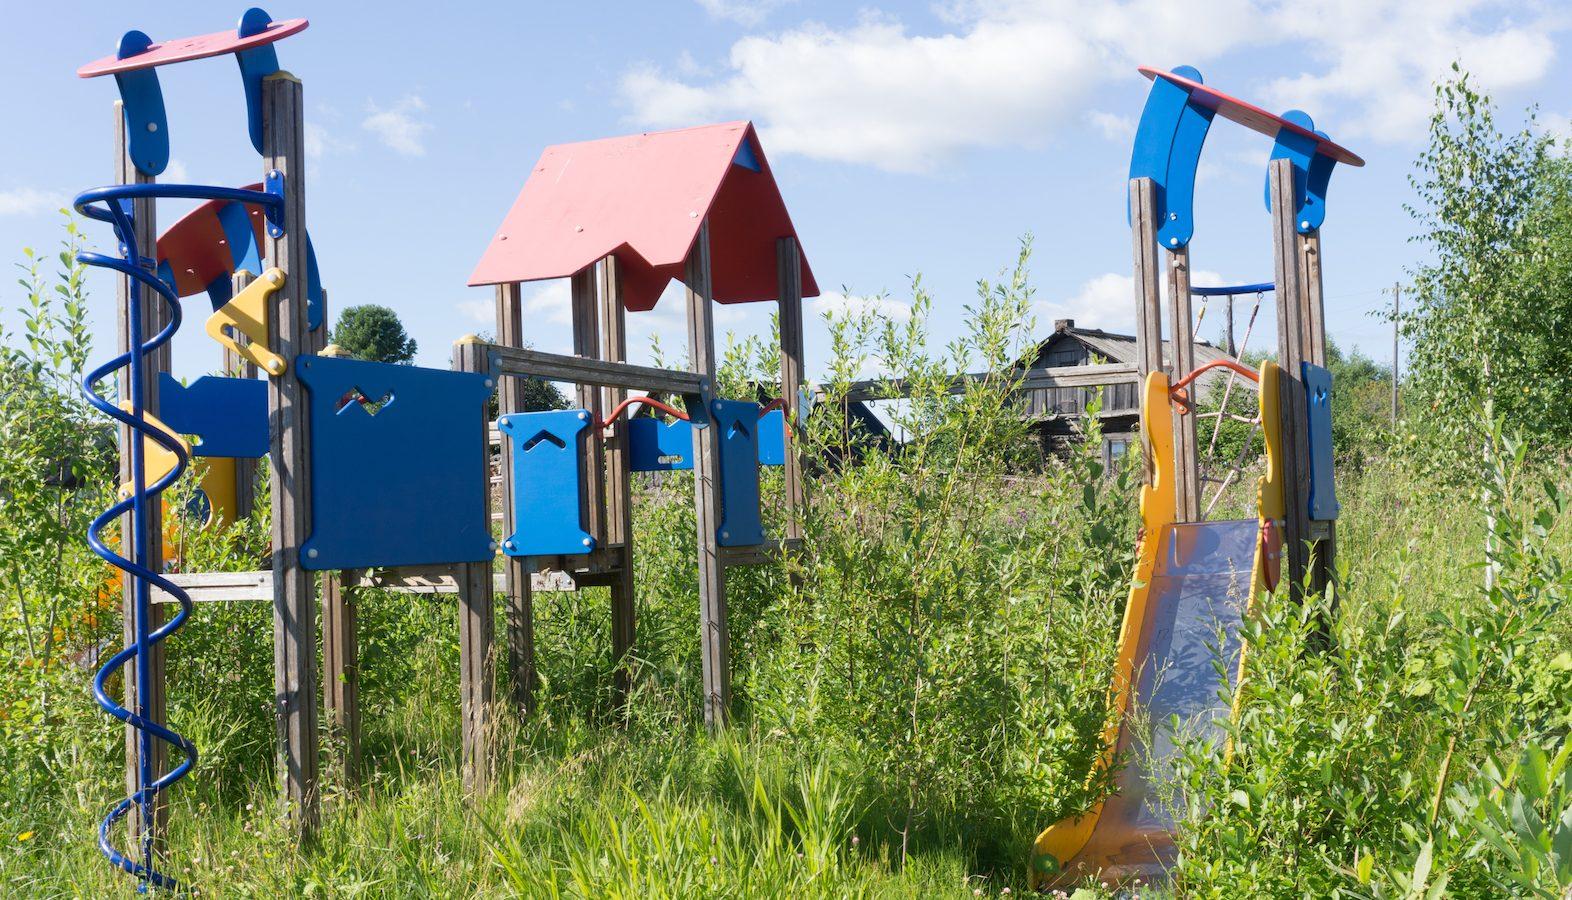 Old, abandoned playground